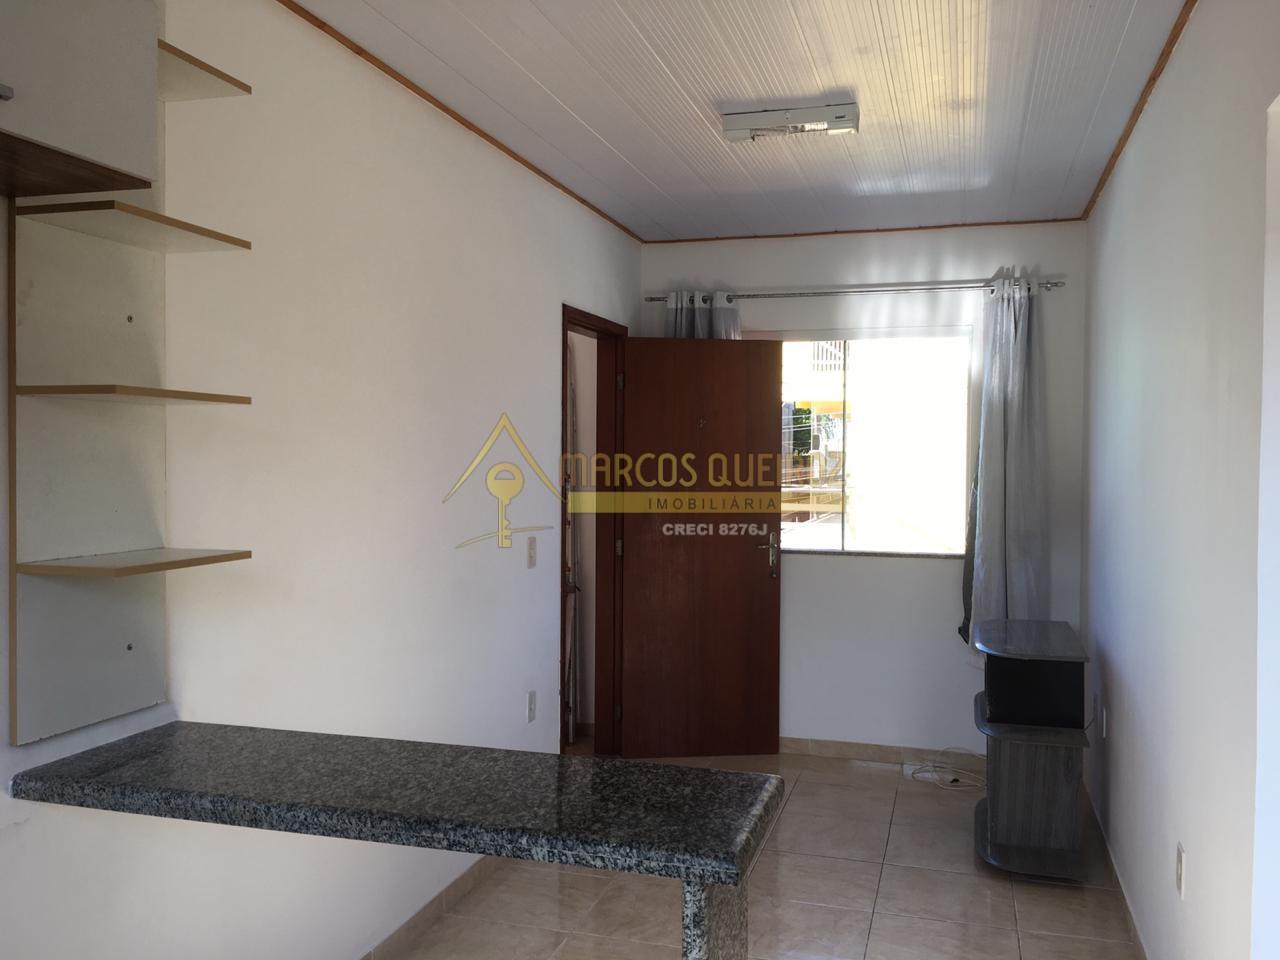 Cod: F90 Imóvel disponivel para aluguel fixo no bairro Cajueiro